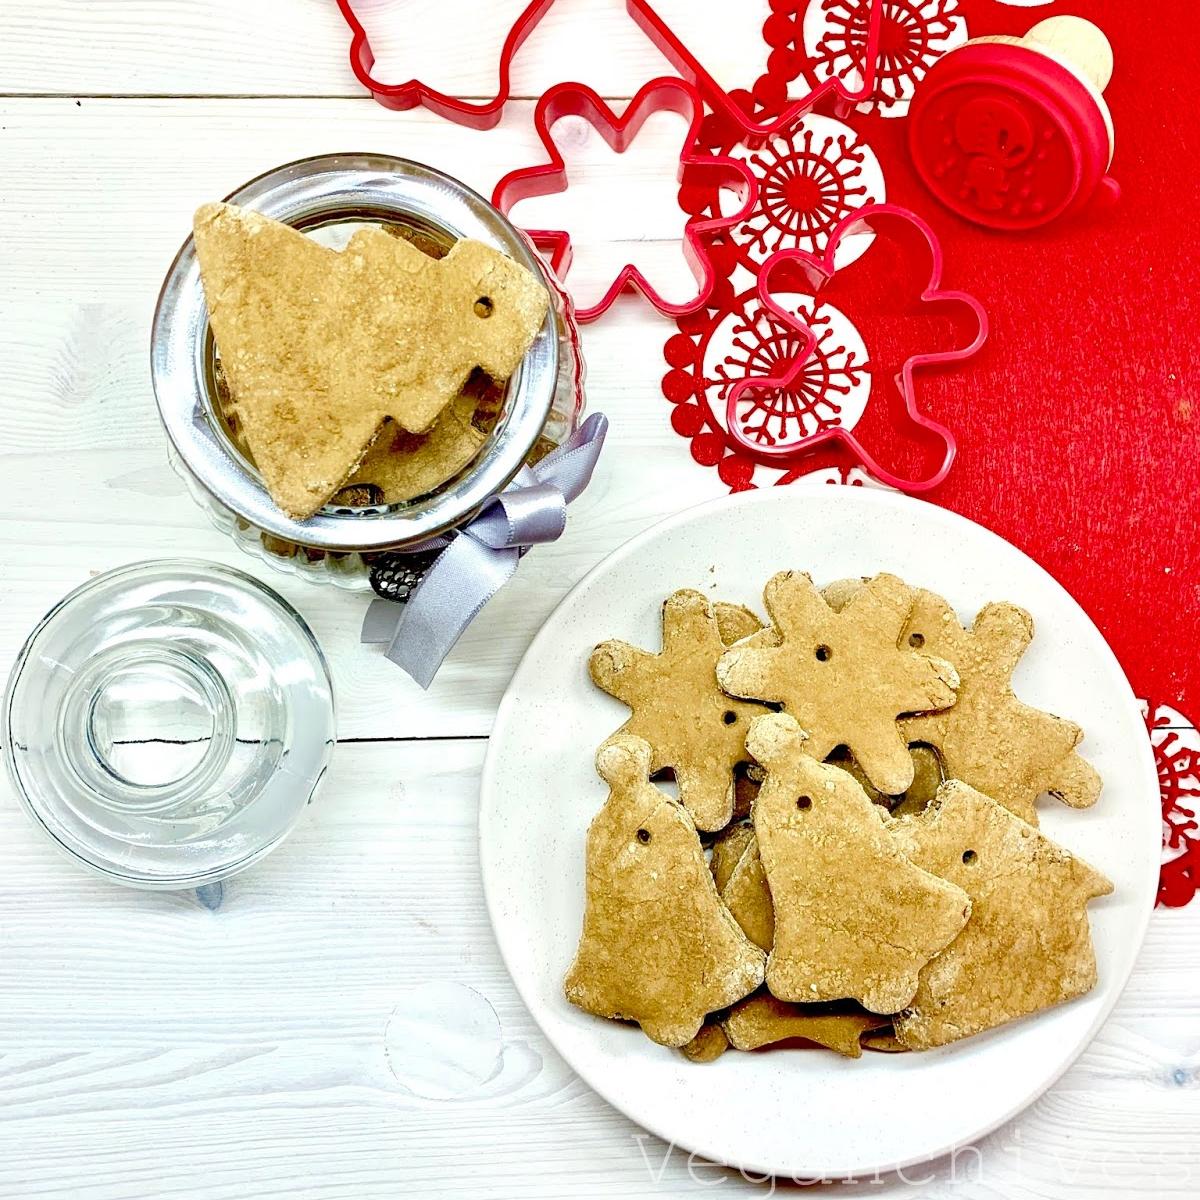 Wegańskie, fit pierniczki świąteczne z przyprawami korzennymi.